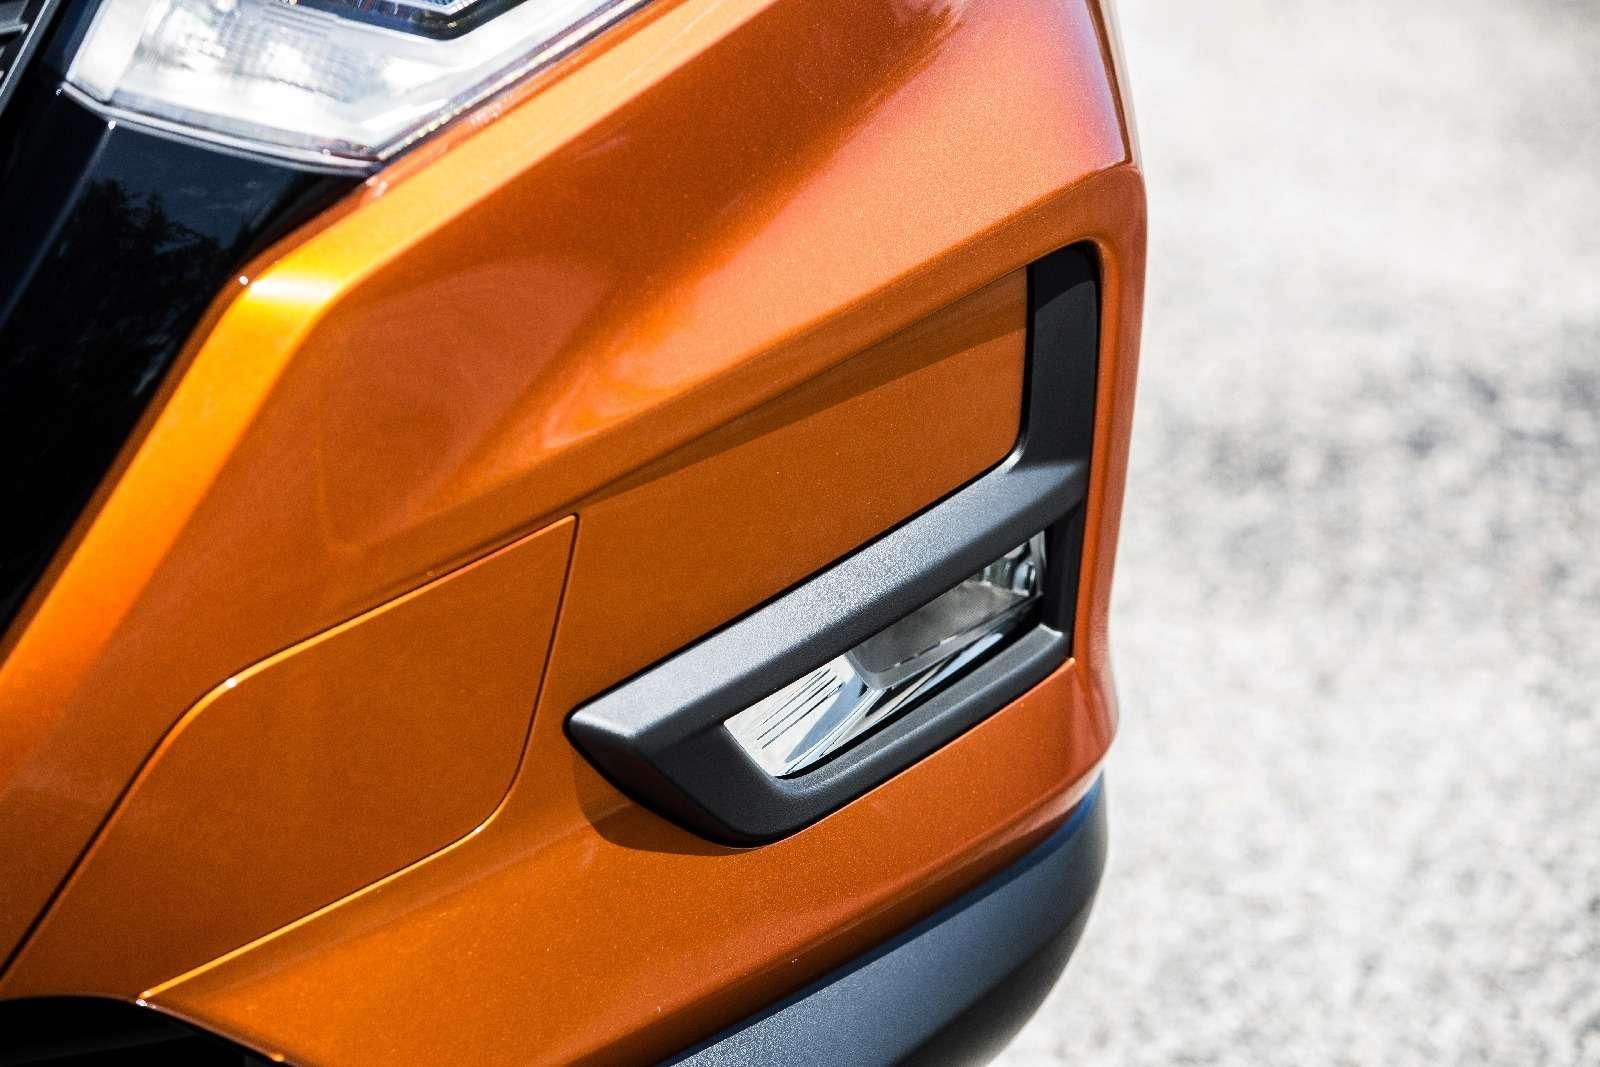 Говорим Rogue, подразумеваем X-Trail: популярный кроссовер Nissan обновился— фото 633624